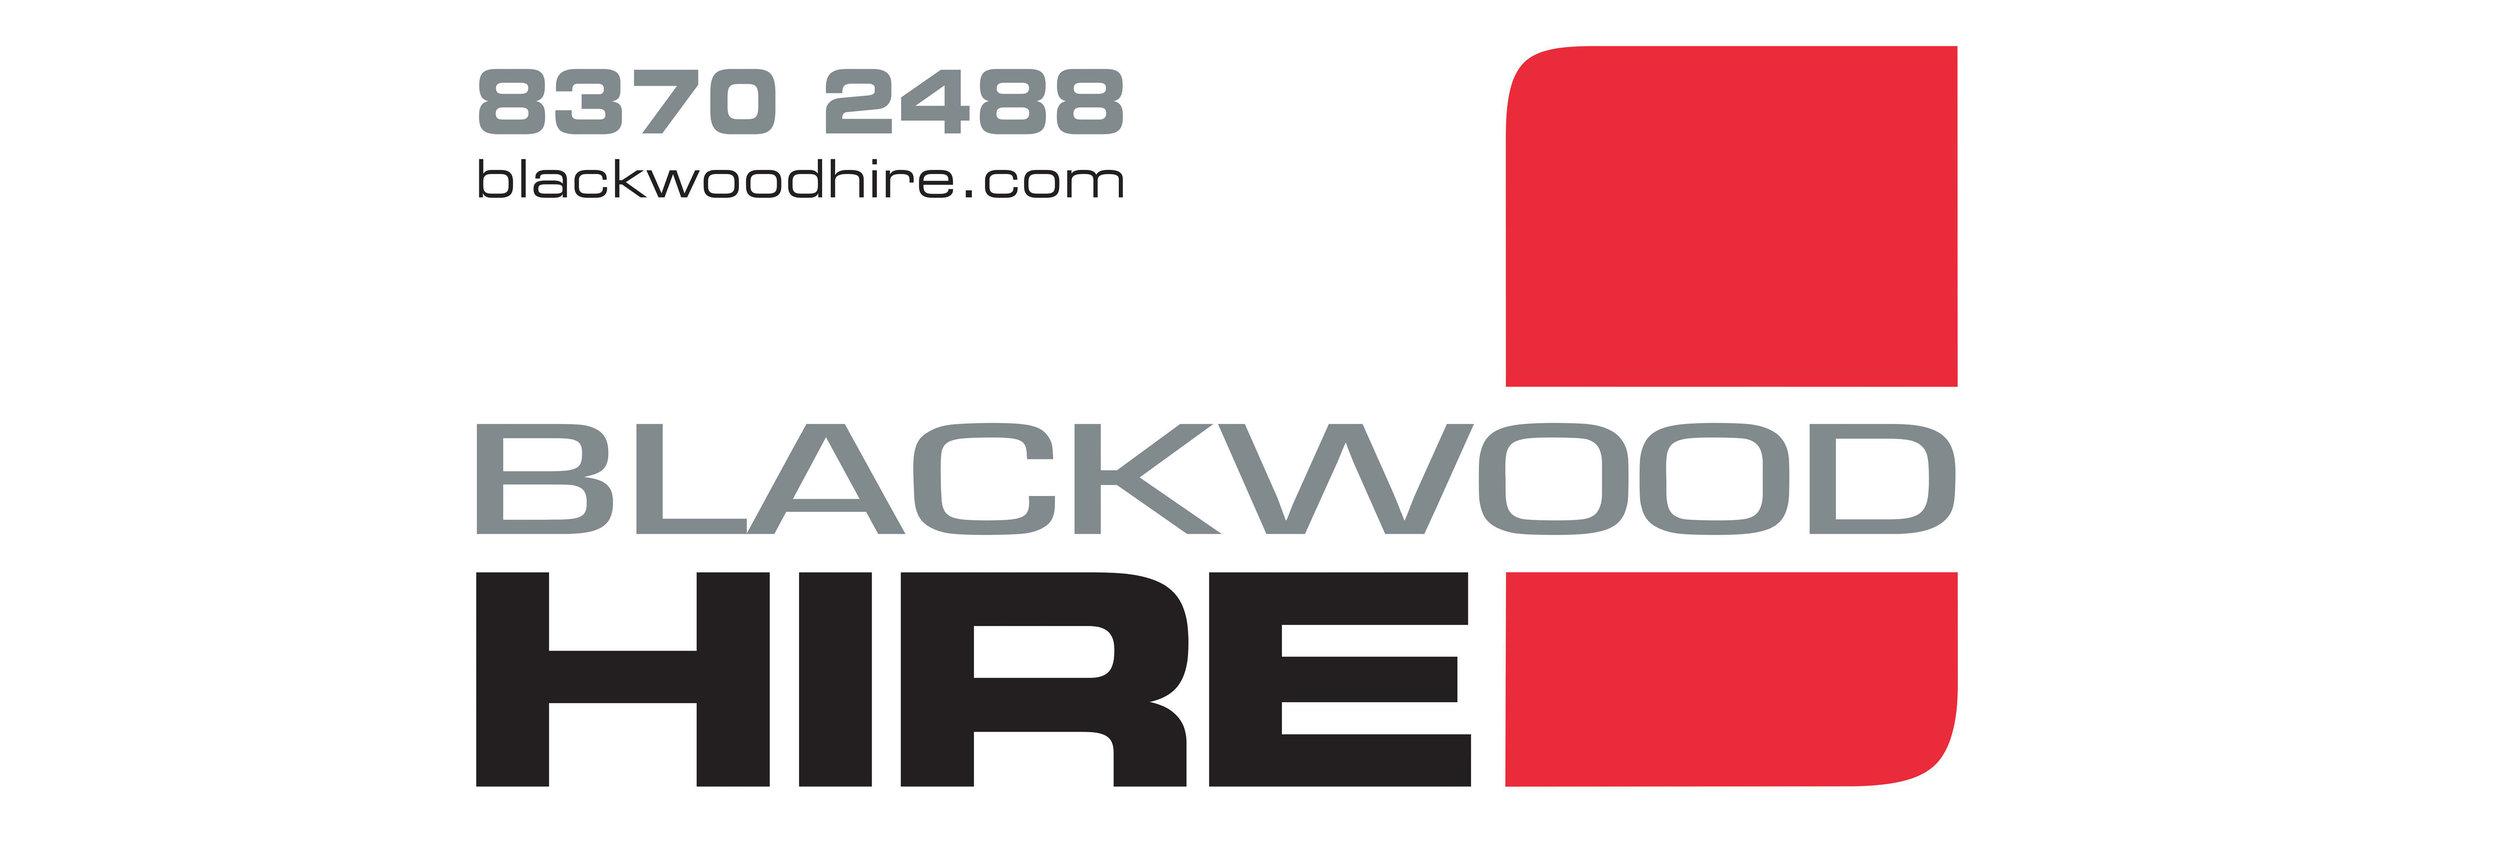 Blackwood Hire.jpg